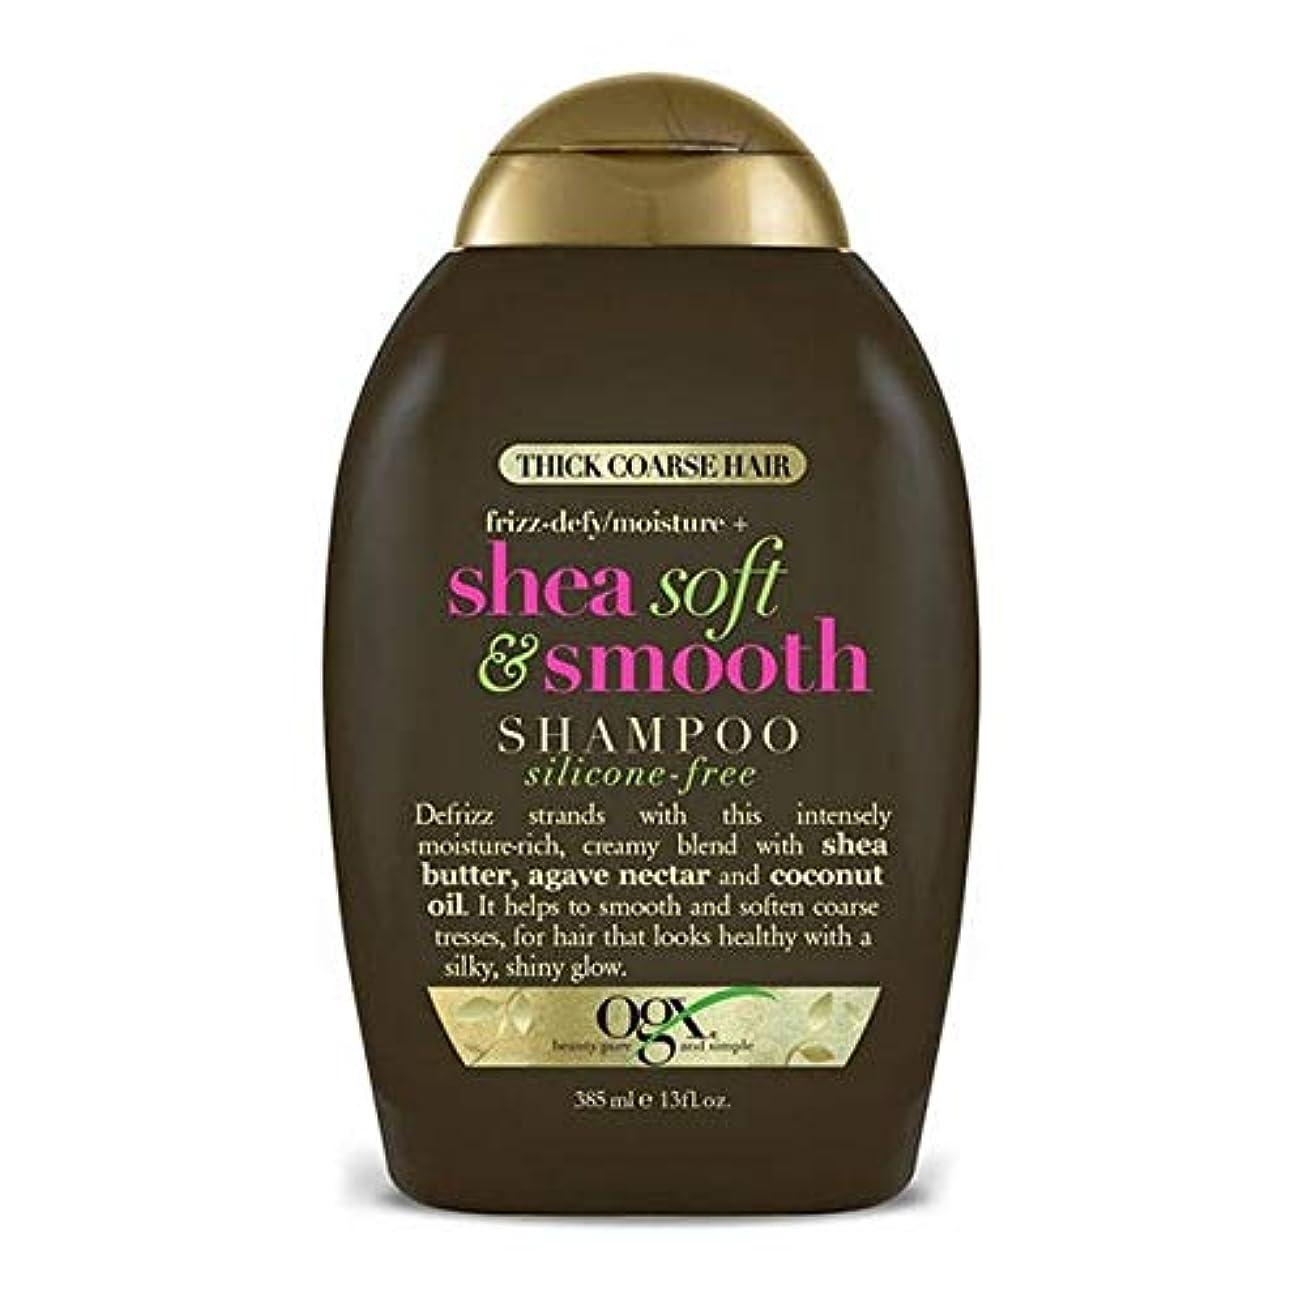 囲いアンデス山脈コンパス[Ogx] Ogxシリコンフリーシアソフトで滑らかなシャンプー385ミリリットル - OGX Silicone-Free Shea Soft and Smooth Shampoo 385ml [並行輸入品]